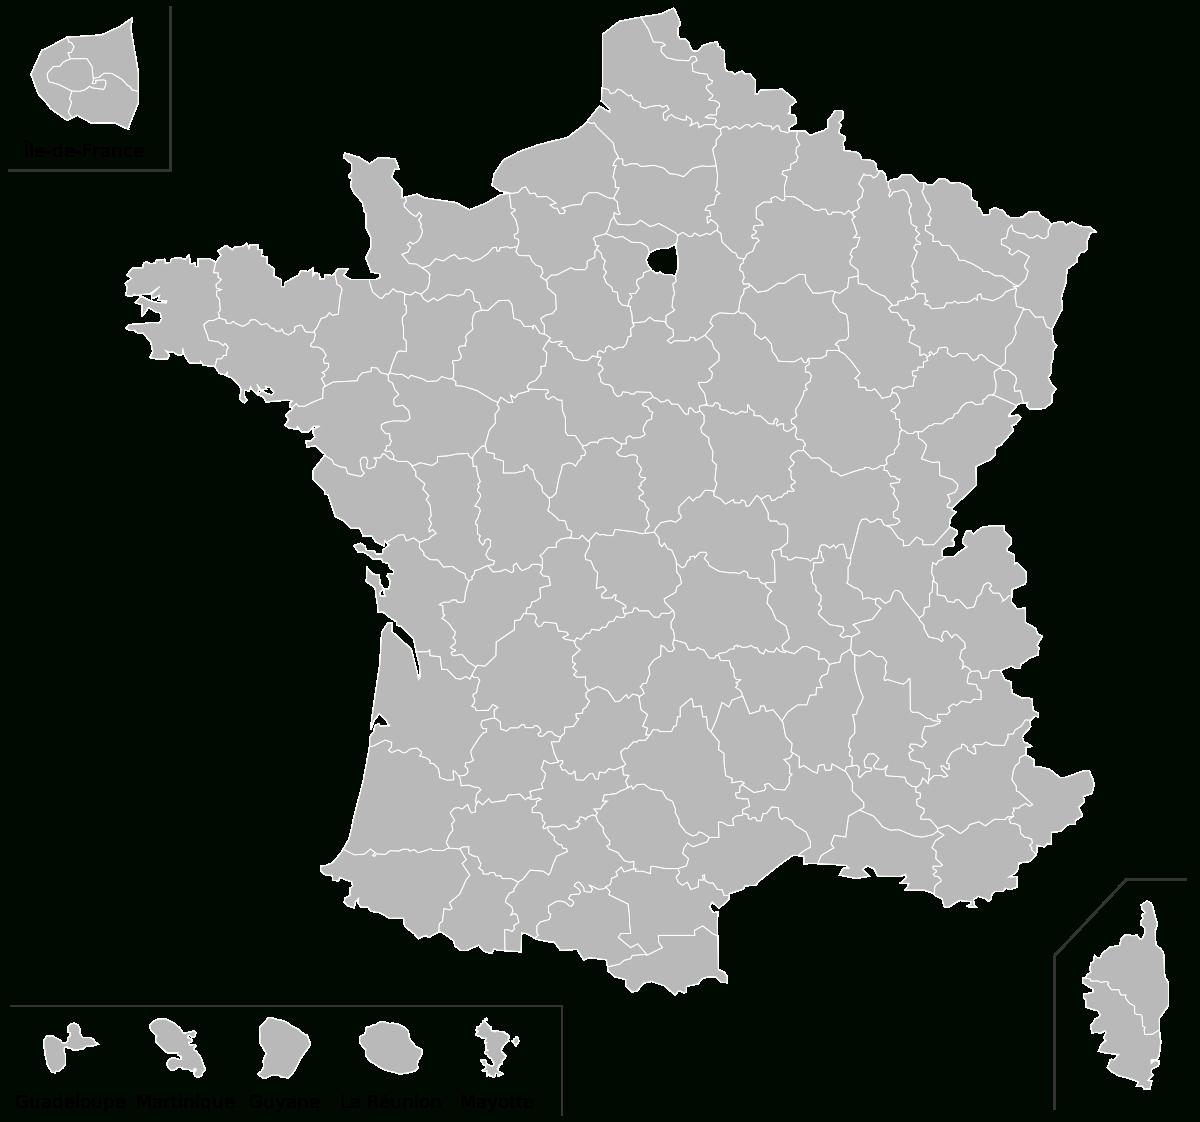 File:carte Vierge Départements Français Avec Dom.svg concernant Carte De France Avec Les Départements